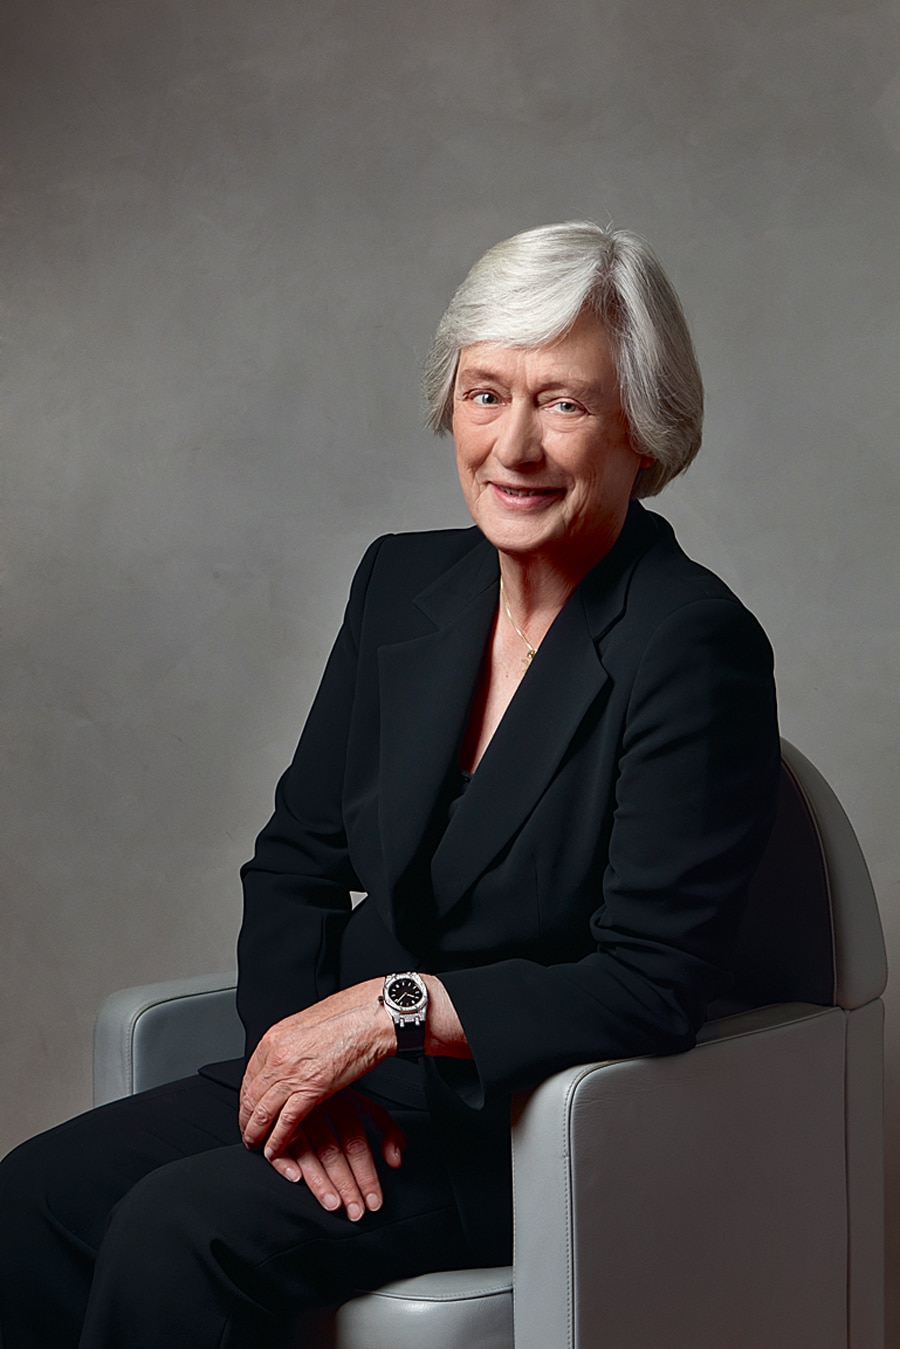 Jasmine Audemars, seit 1992 Präsidentin des Verwaltungsrats.